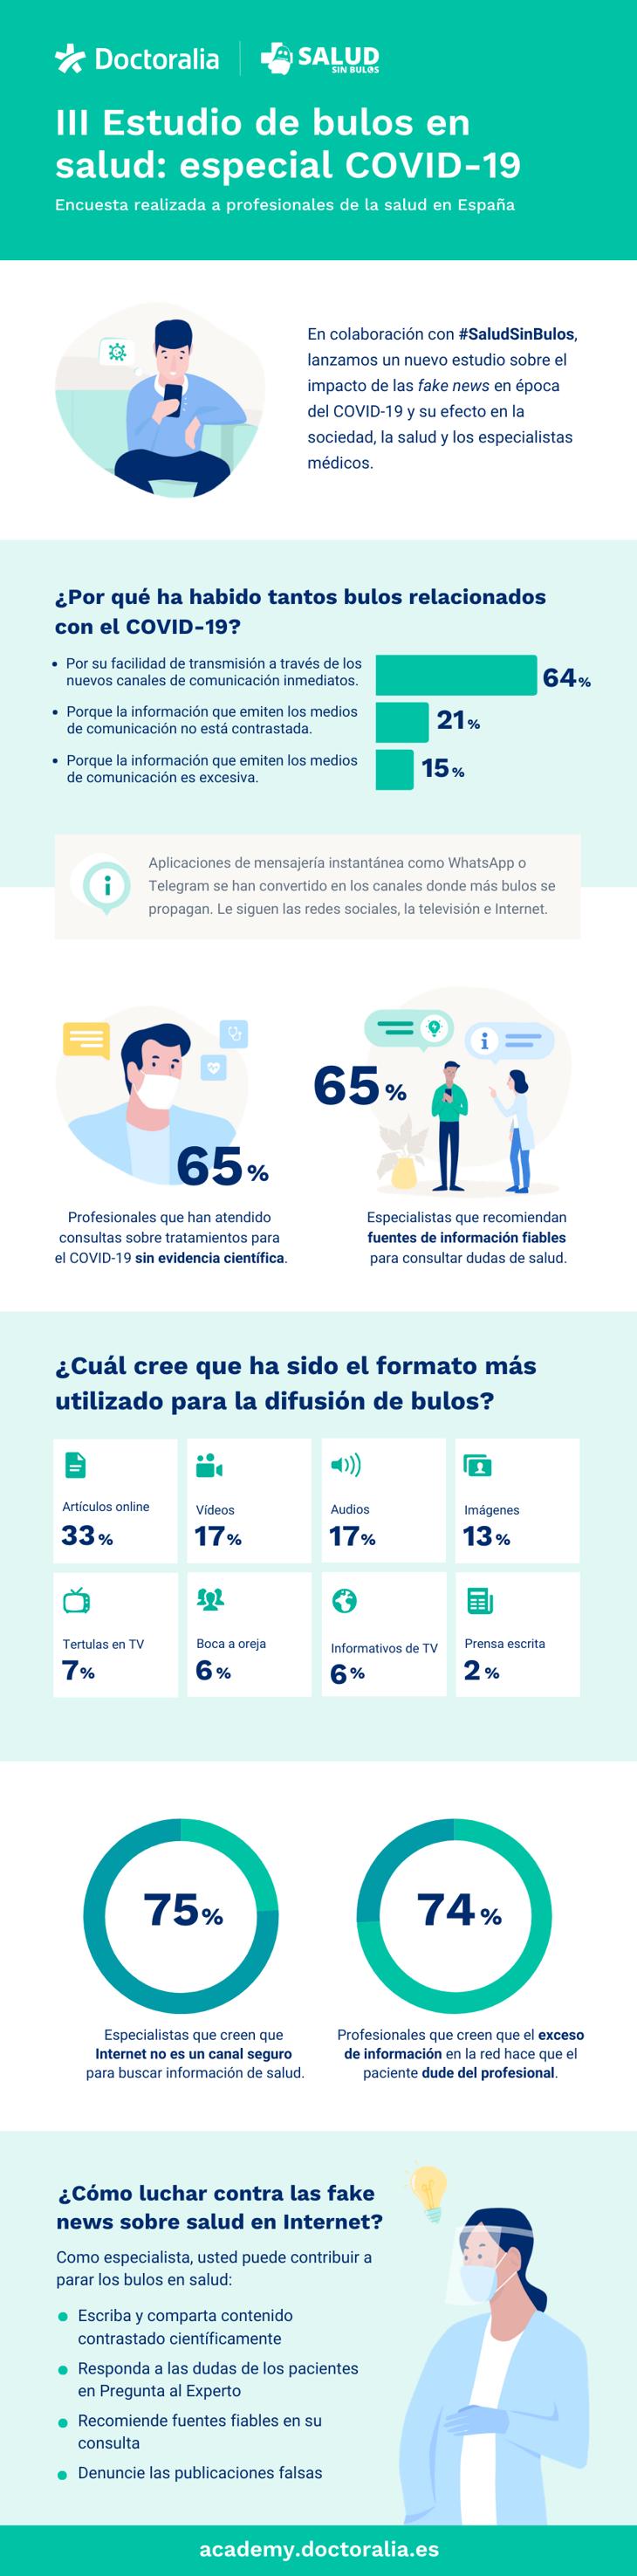 ES LG - Infographic Fake News COVID (1)